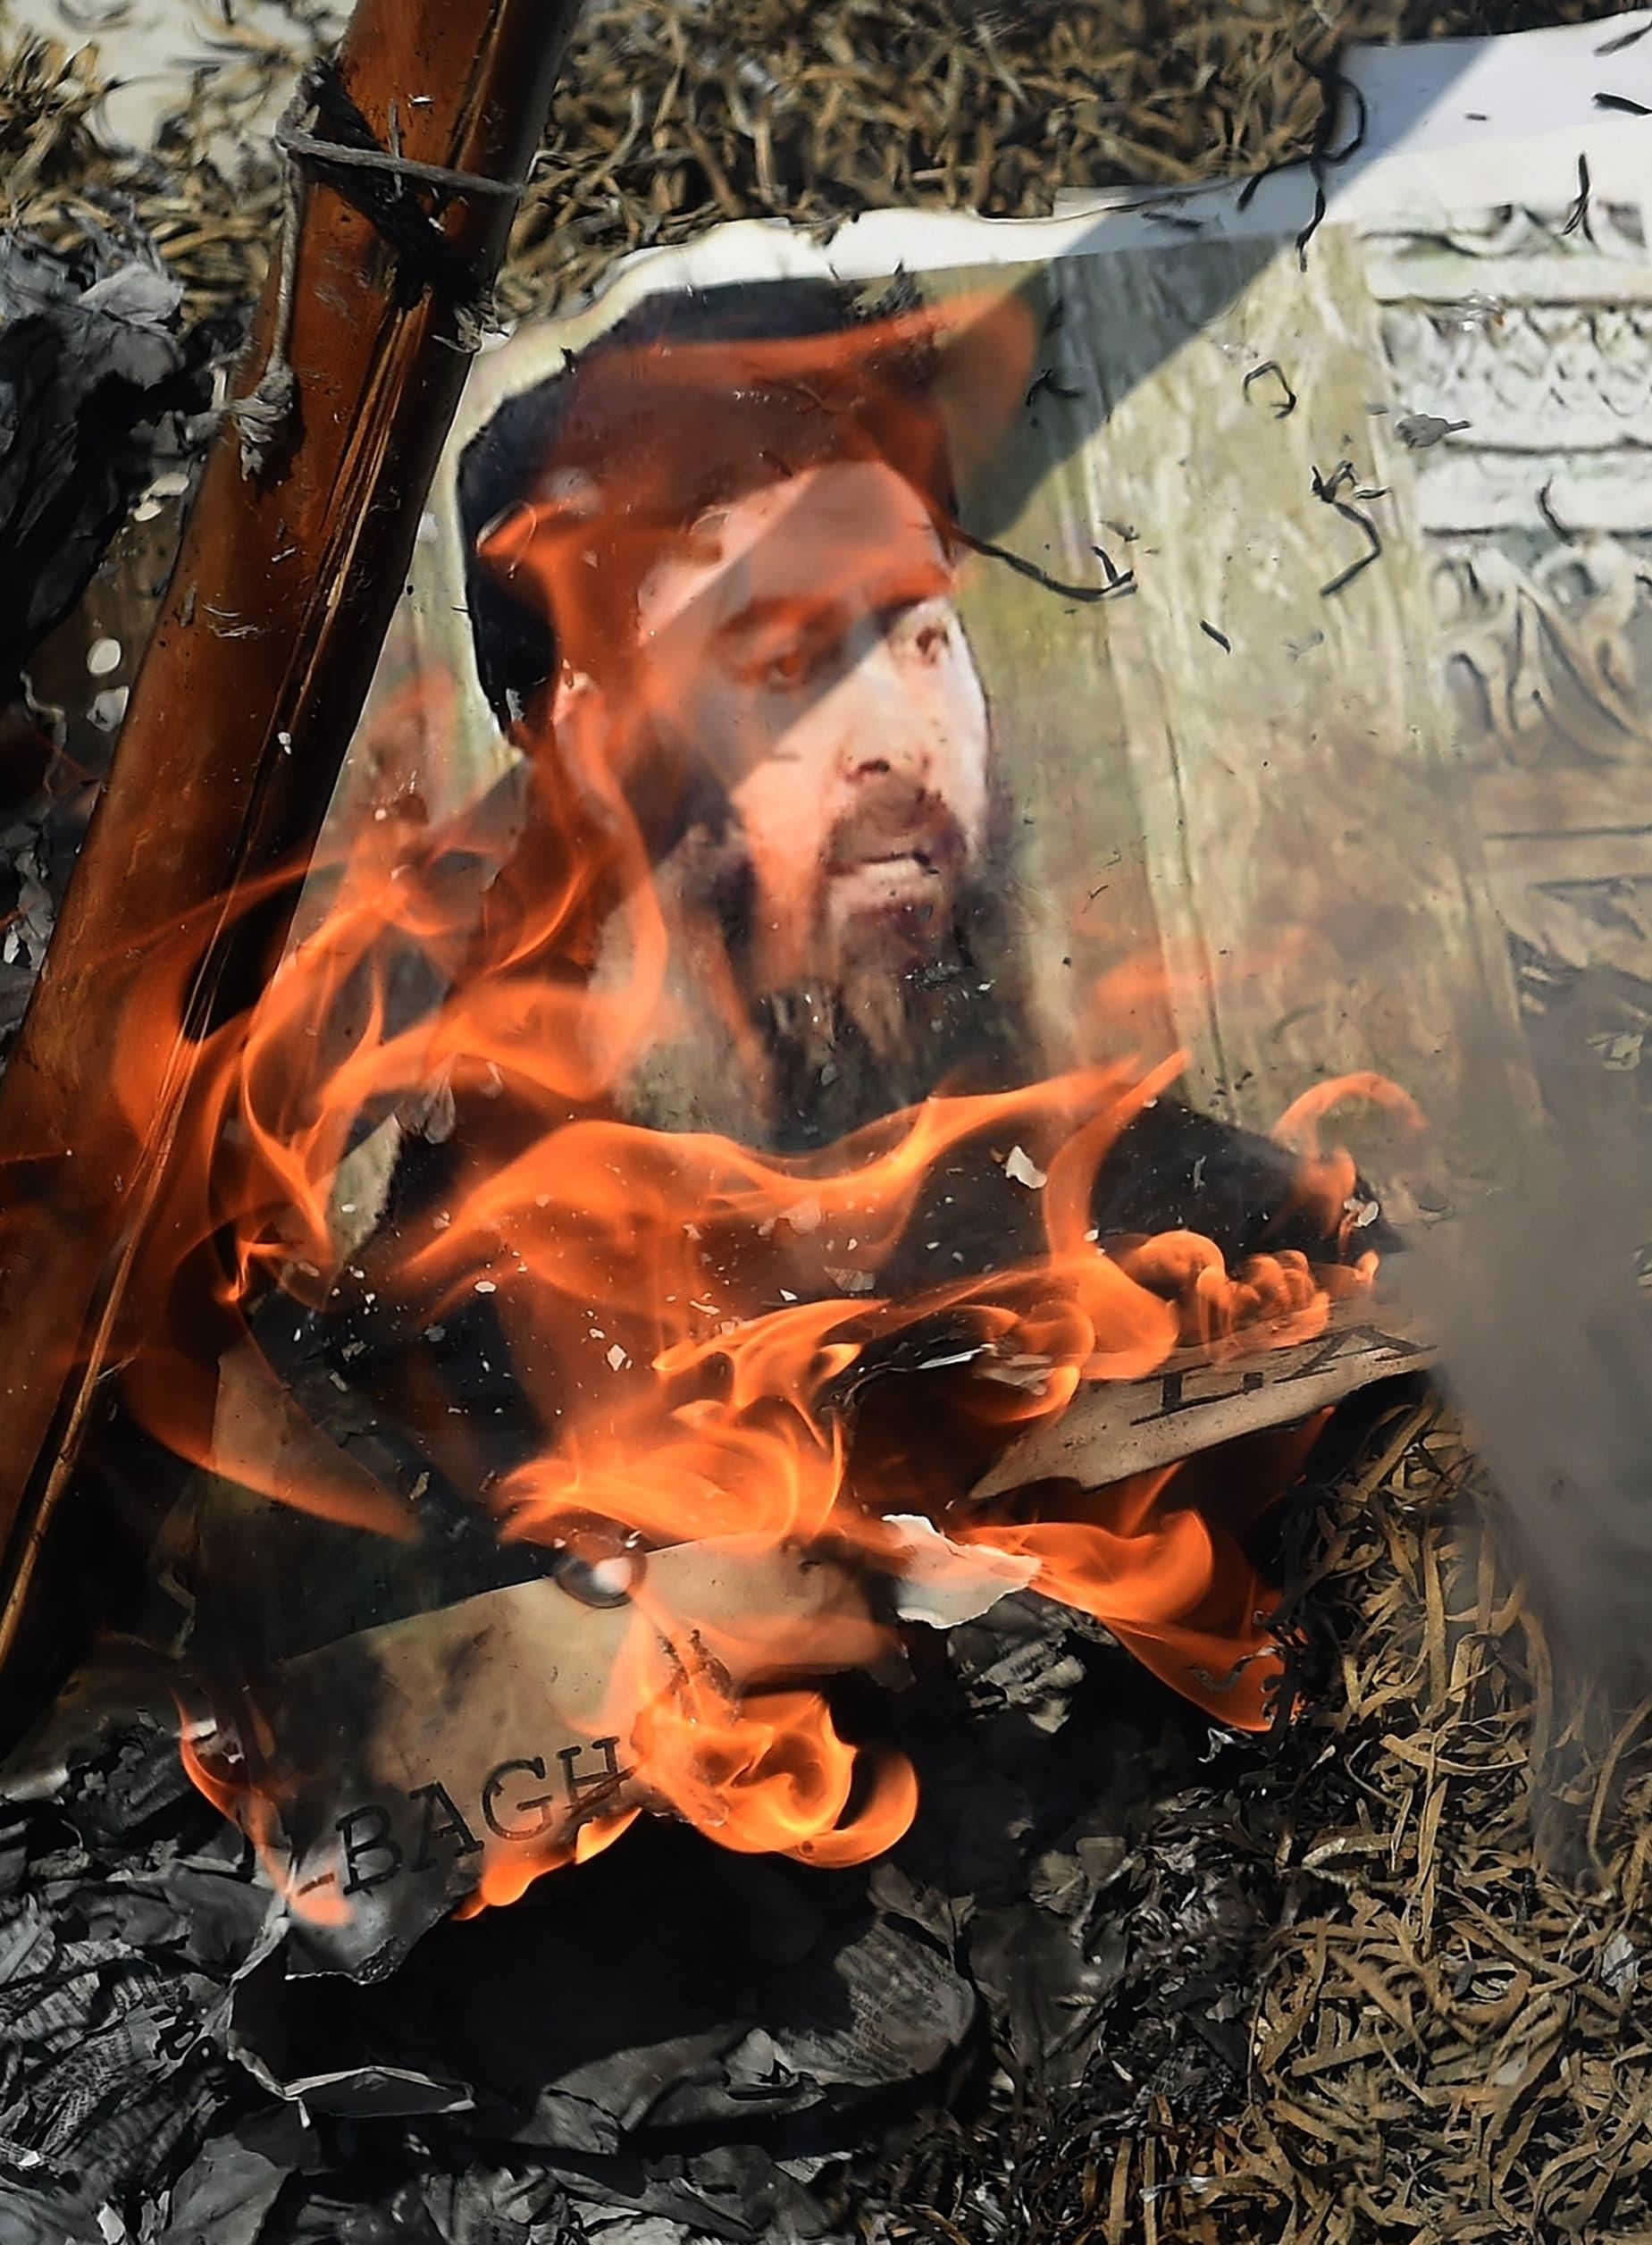 صورة لزعيم داعش أبو بكر البغدادي(فرانس برس)